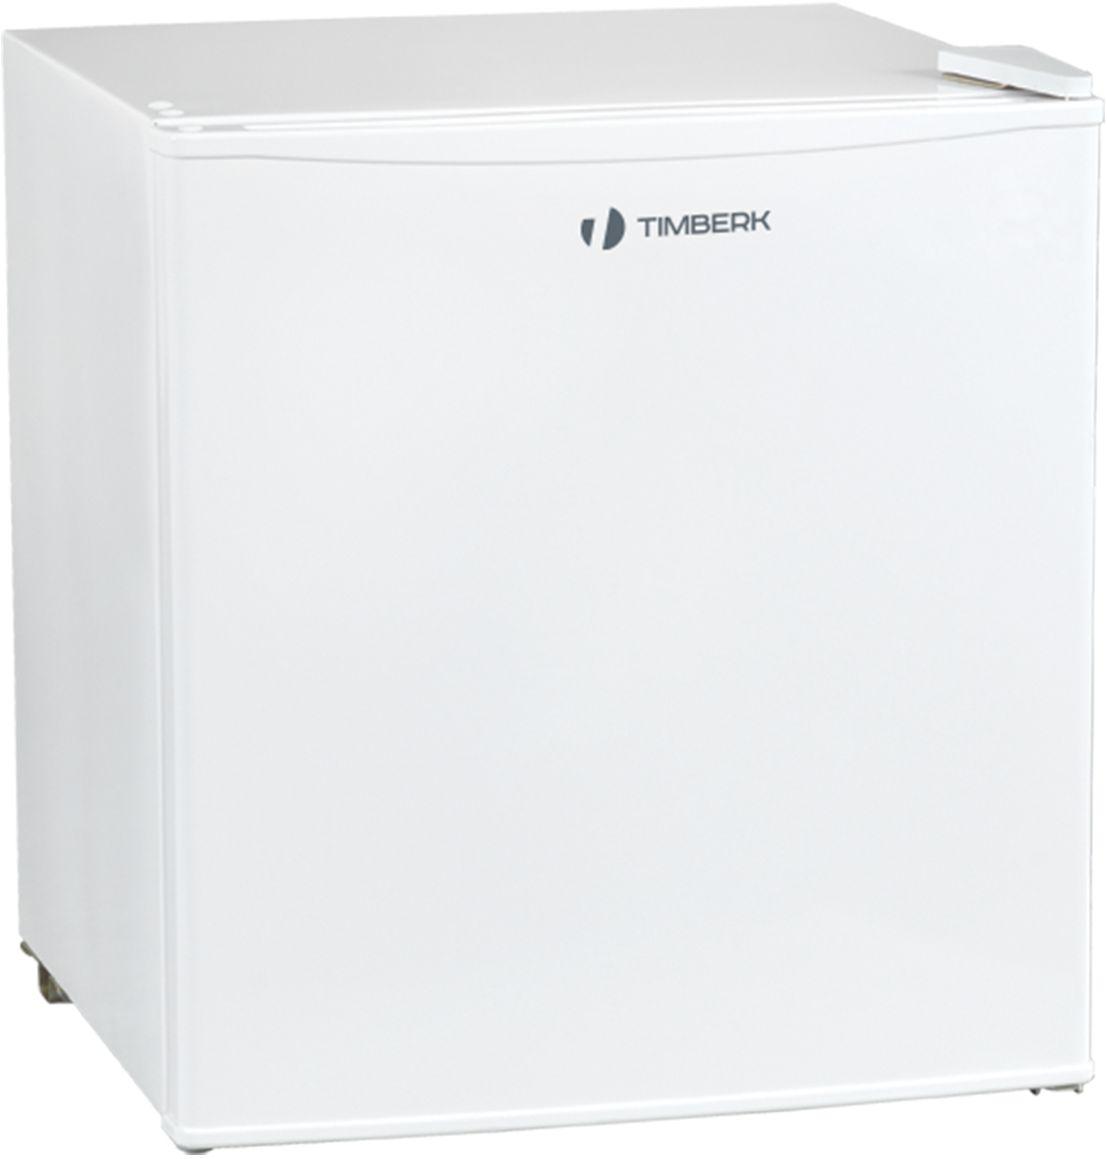 Timberk RG50 холодильник однокамерныйTIM RG50 SA03Холодильник Timberk RG50 является популярным оборудованием для гостиничного бизнеса за счет своих компактных размеров. Дверь перевешиваемая, что обеспечивает удобство эксплуатации прибора. Внутри холодильного отделения имеется 2 металлические полки-решетки и небольшая морозильная камера. На двери также расположено 2 полки для бутылок и бакалеи.